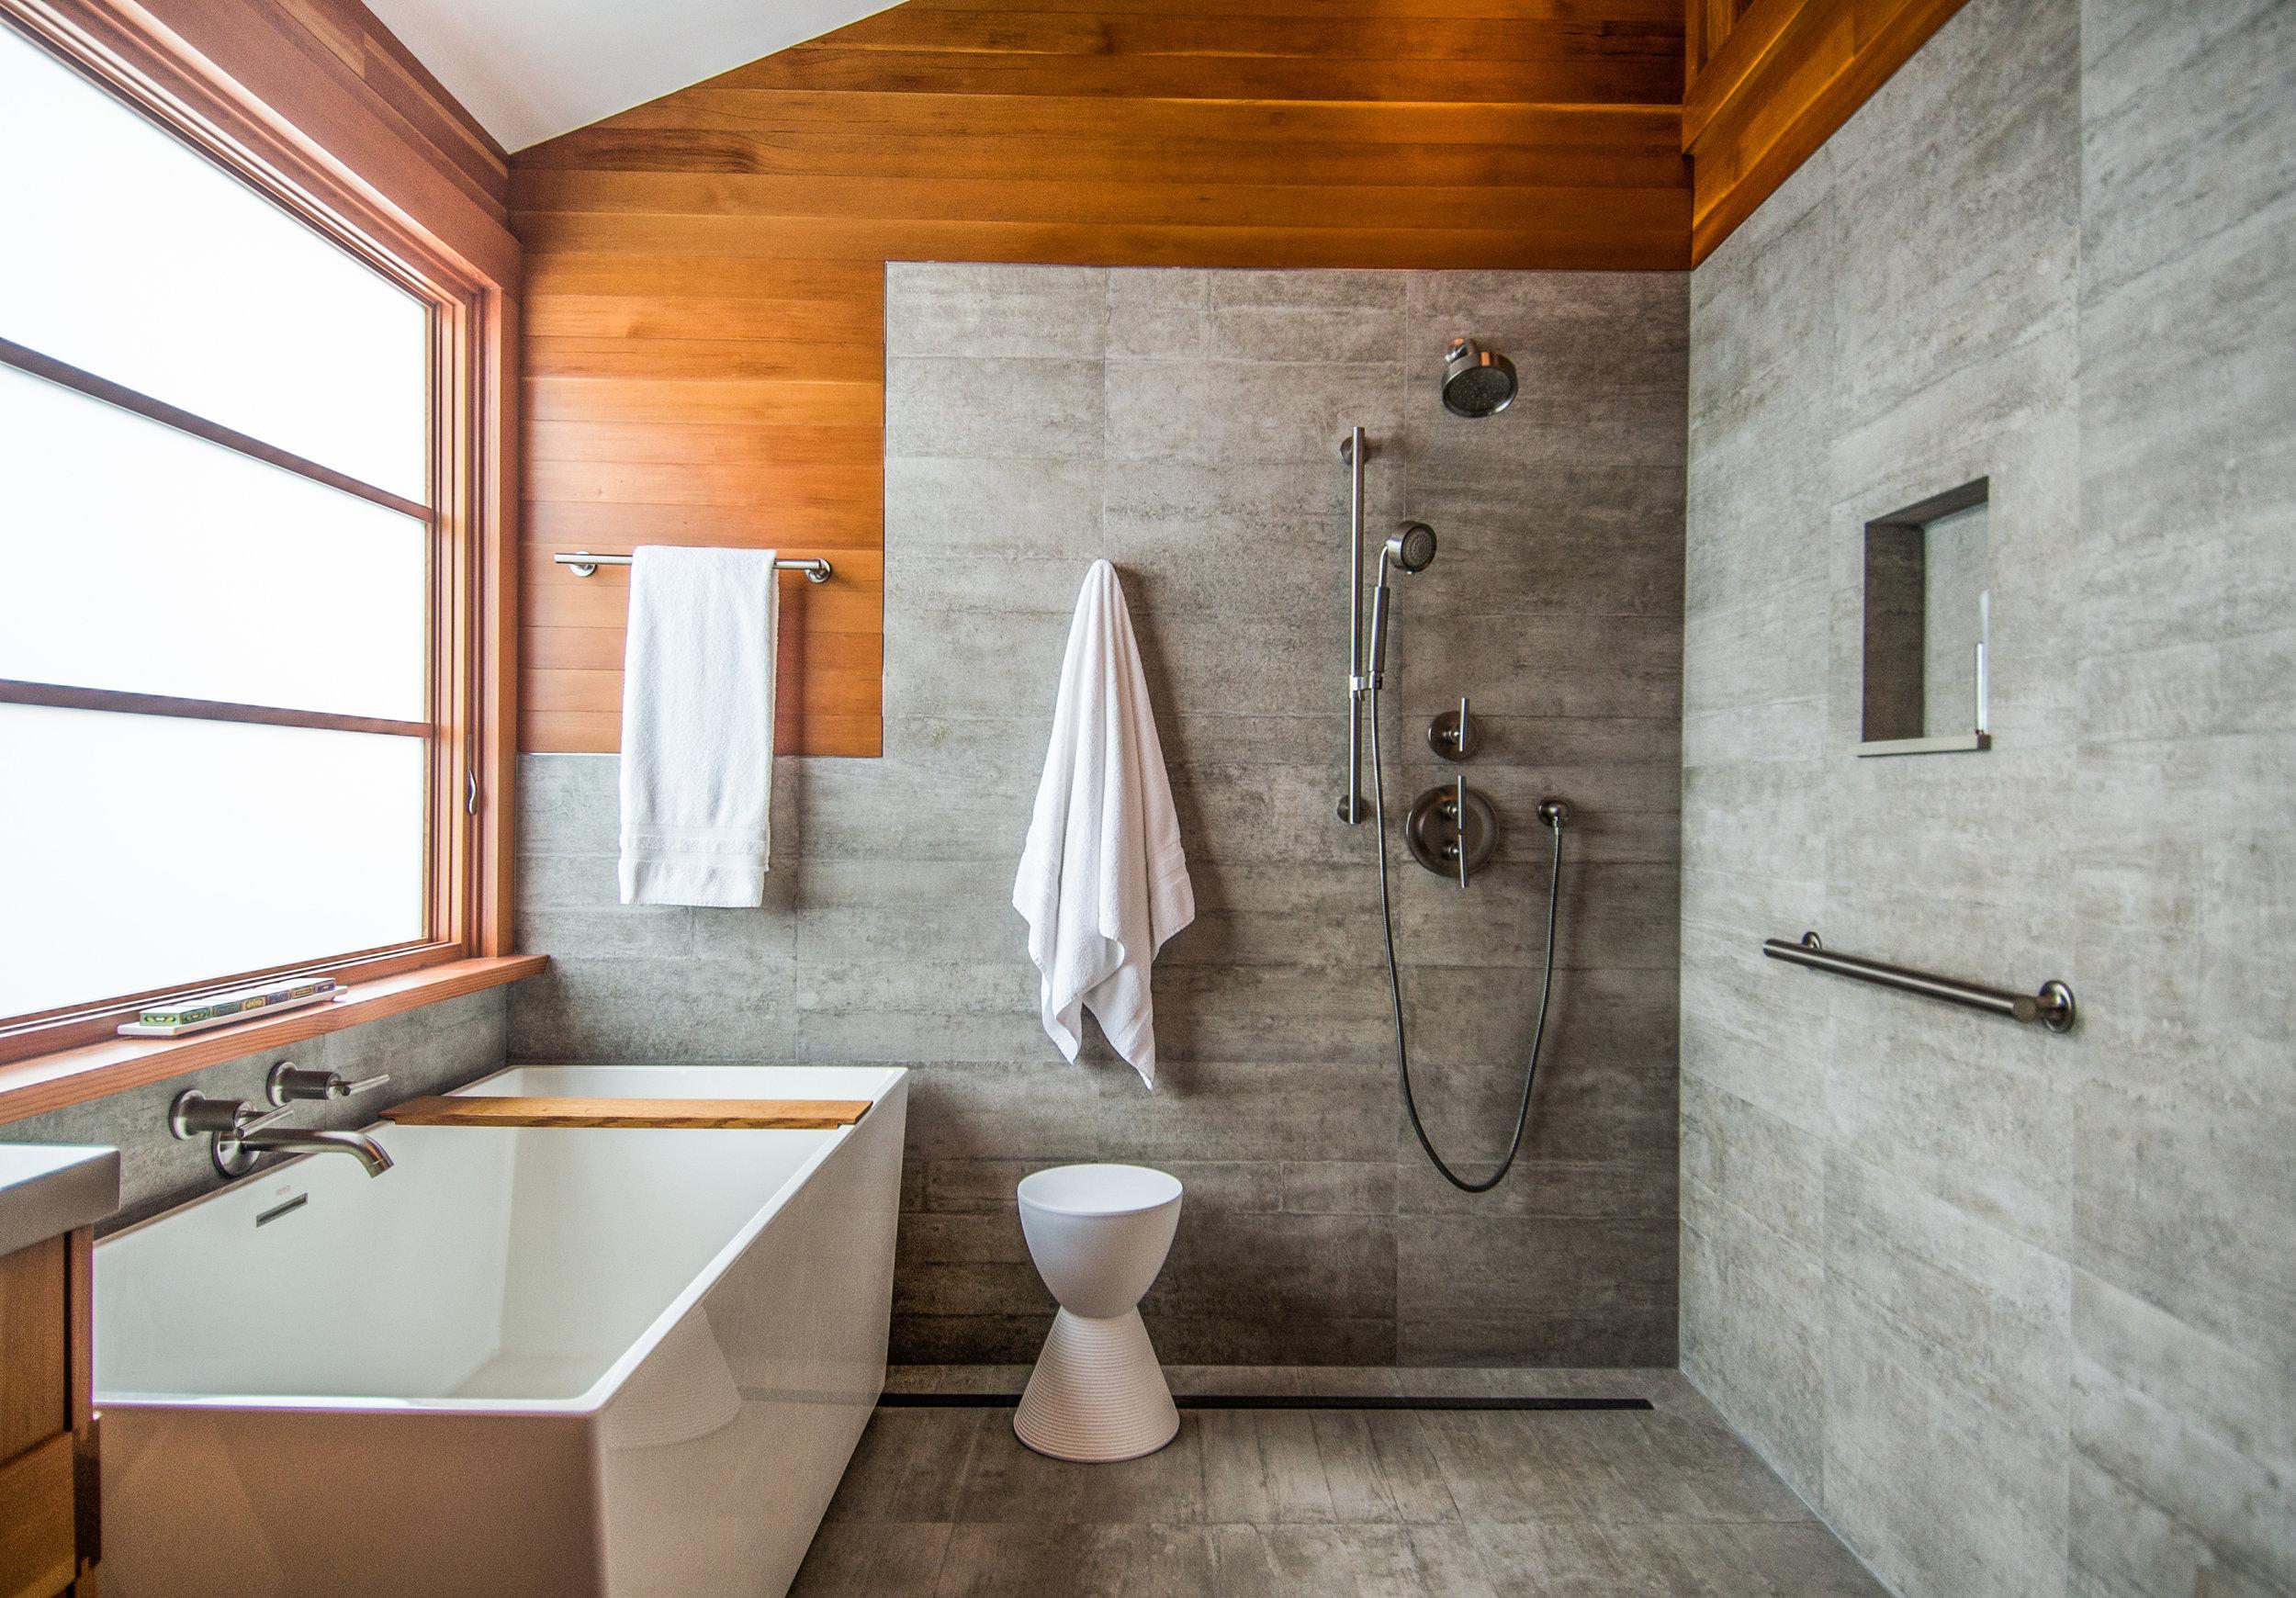 02-aladdin-bath 1.jpg